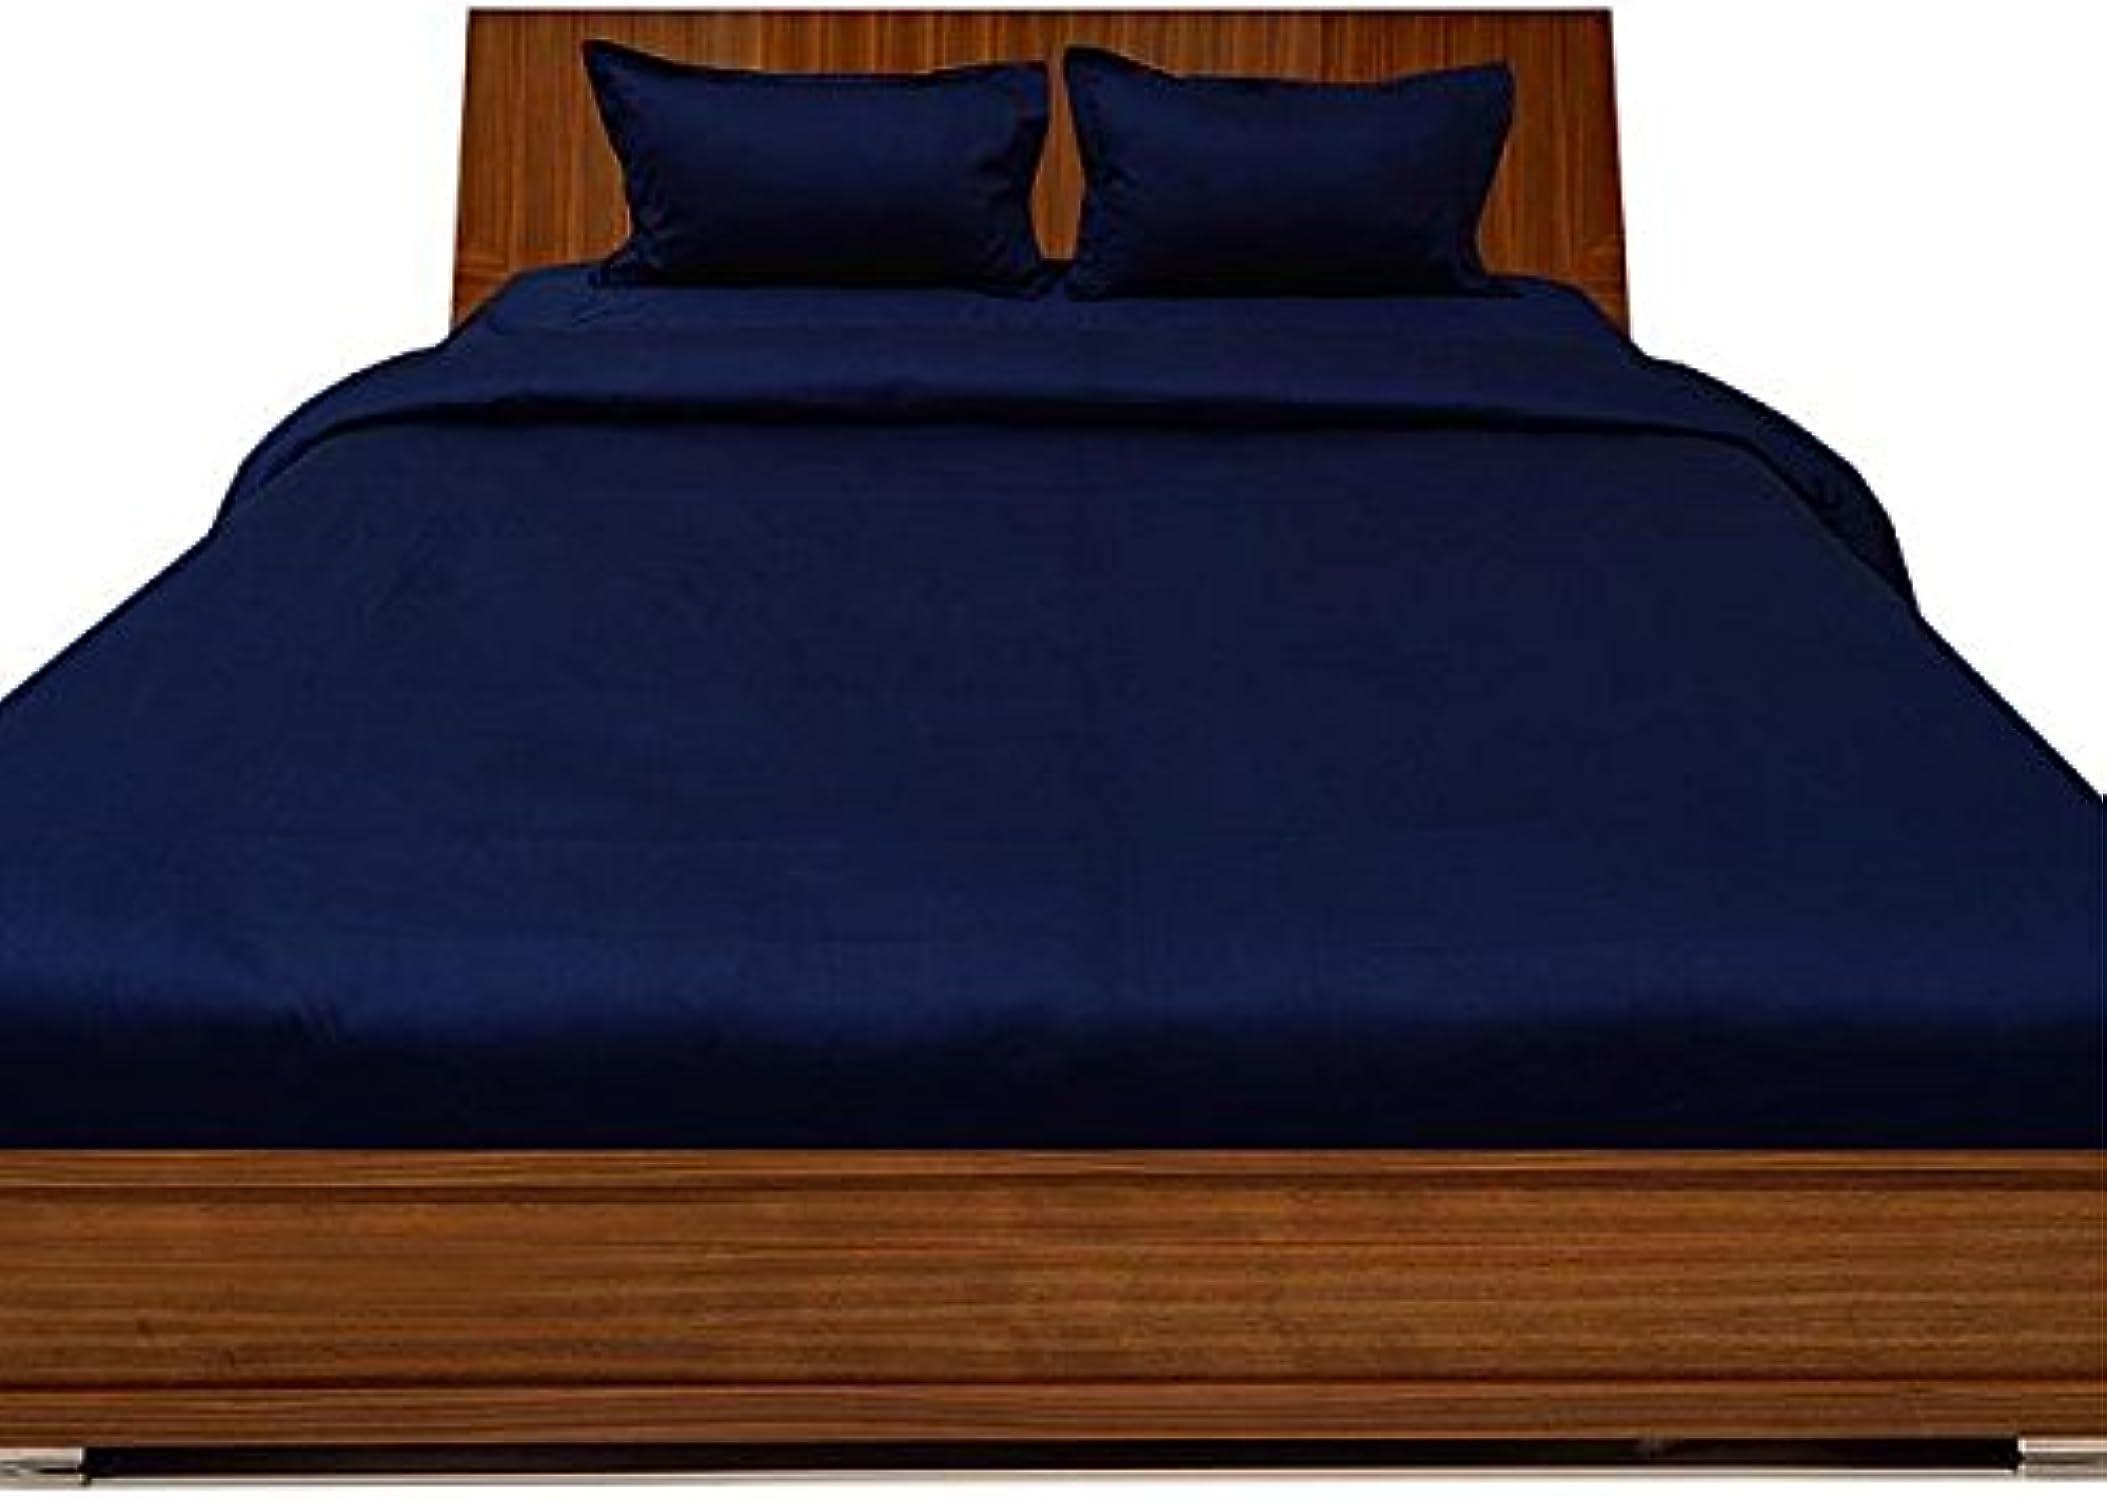 Scala Parure de Coton égypcravaten 600Fils 76,2cm Poche Profonde de lit UK King Nevy Solide 100% Coton Bleu